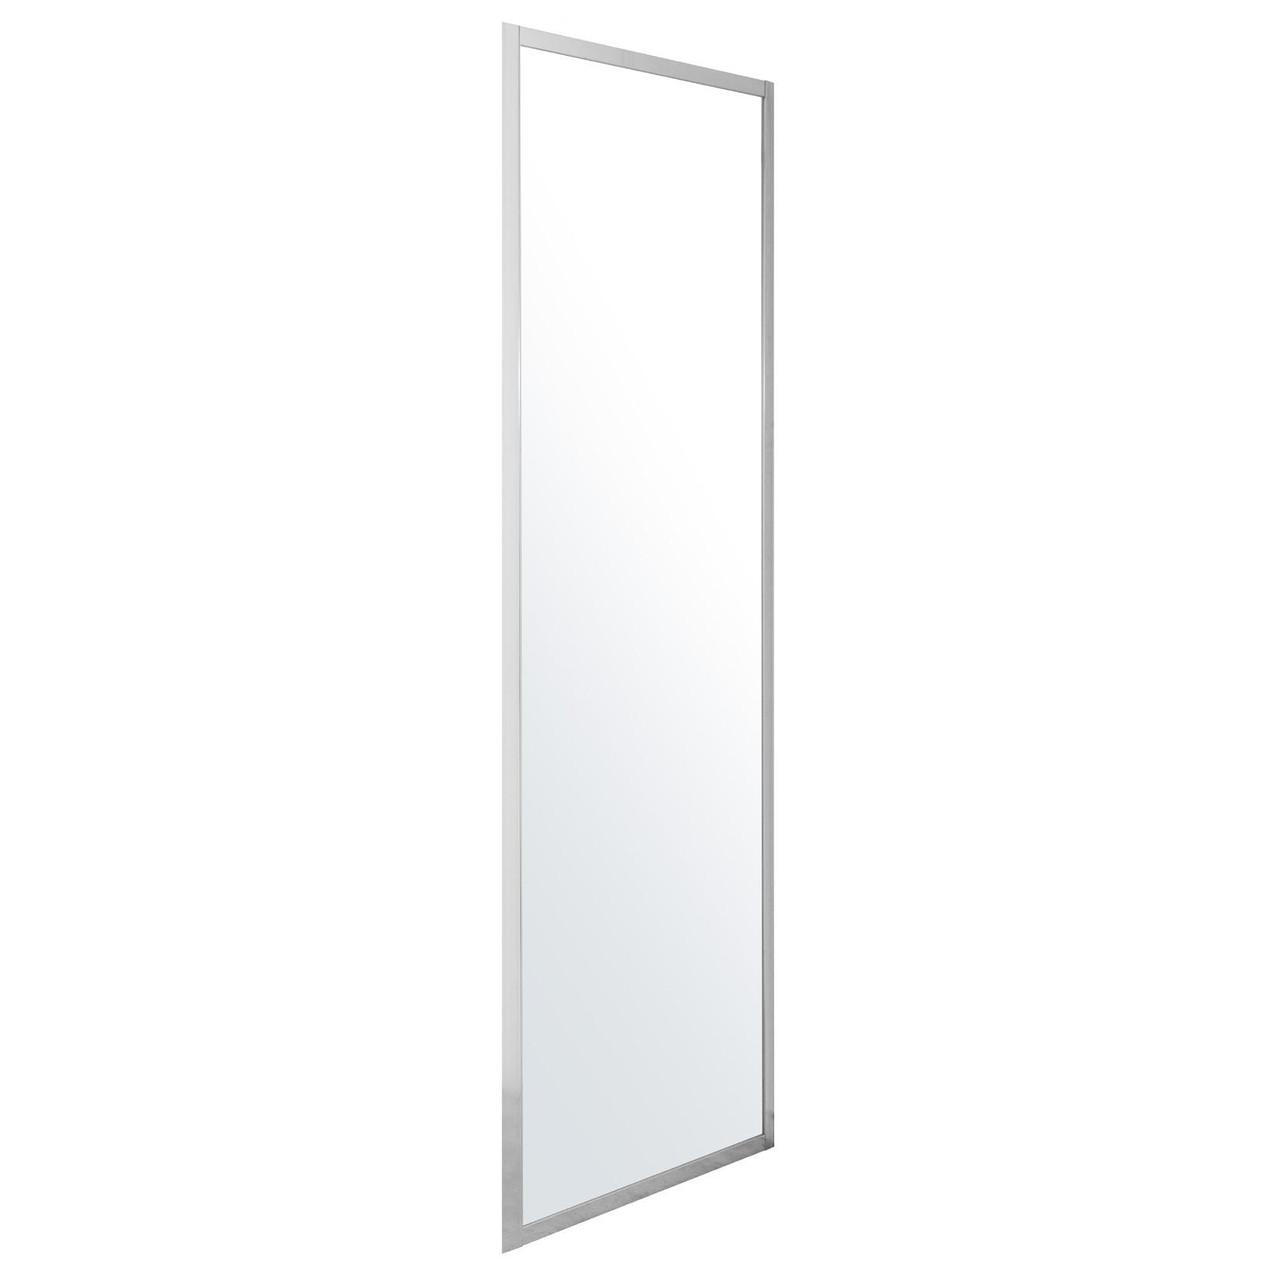 EGER  Боковая стенка 80*195 см, для комплектации с дверьми 599-153 (h)